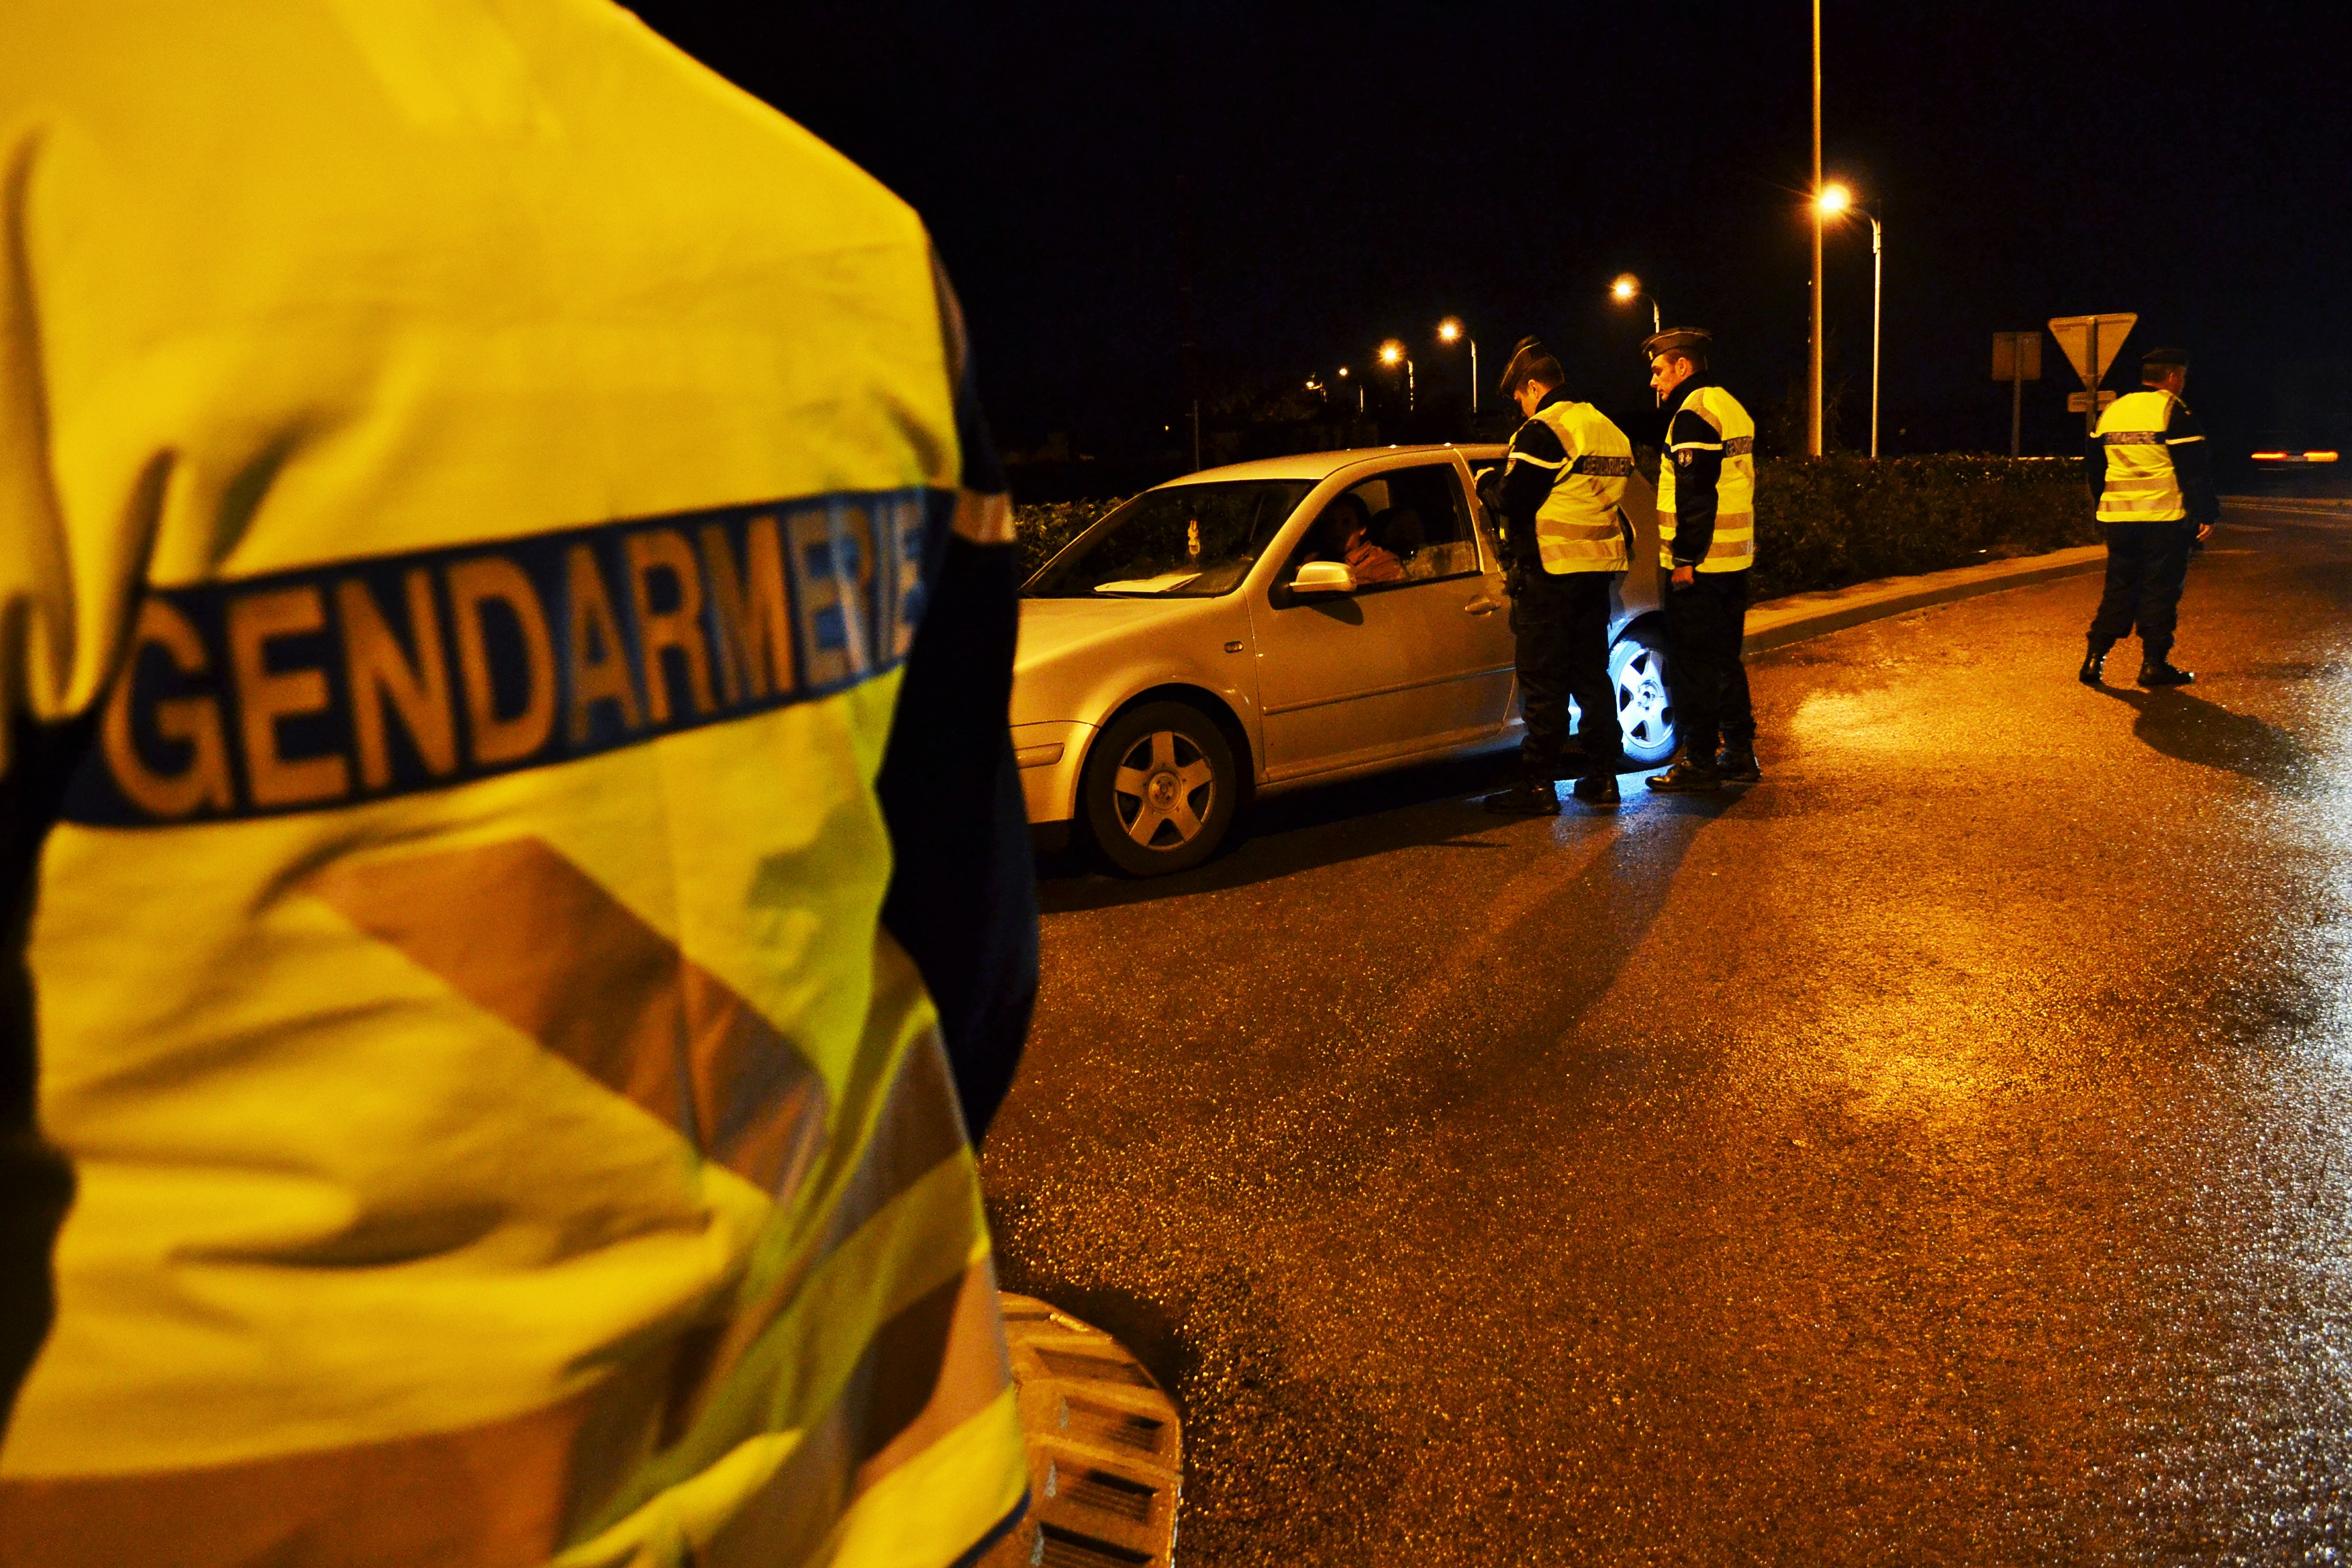 Des contrôles ont été mis en place à la sortie des discothèques (Illustration © gendarmerie)